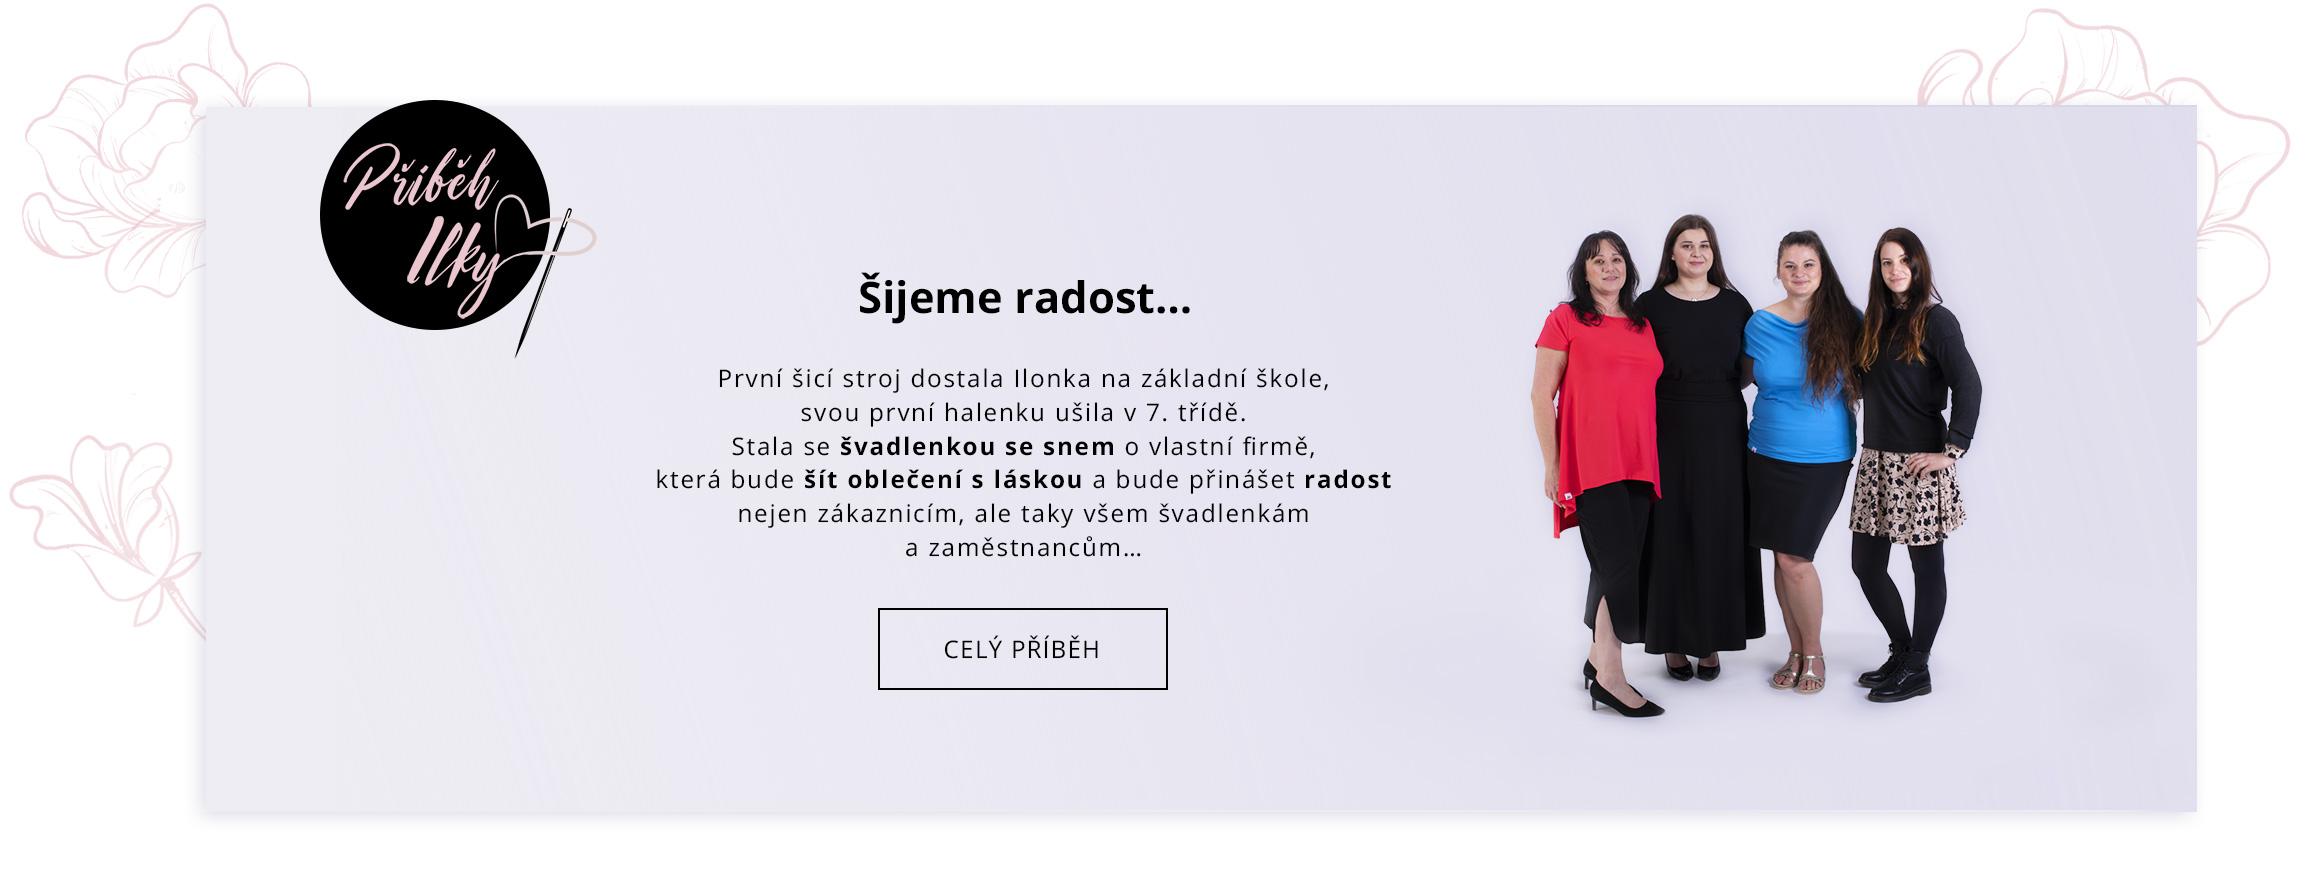 Příběh Ilka fashion